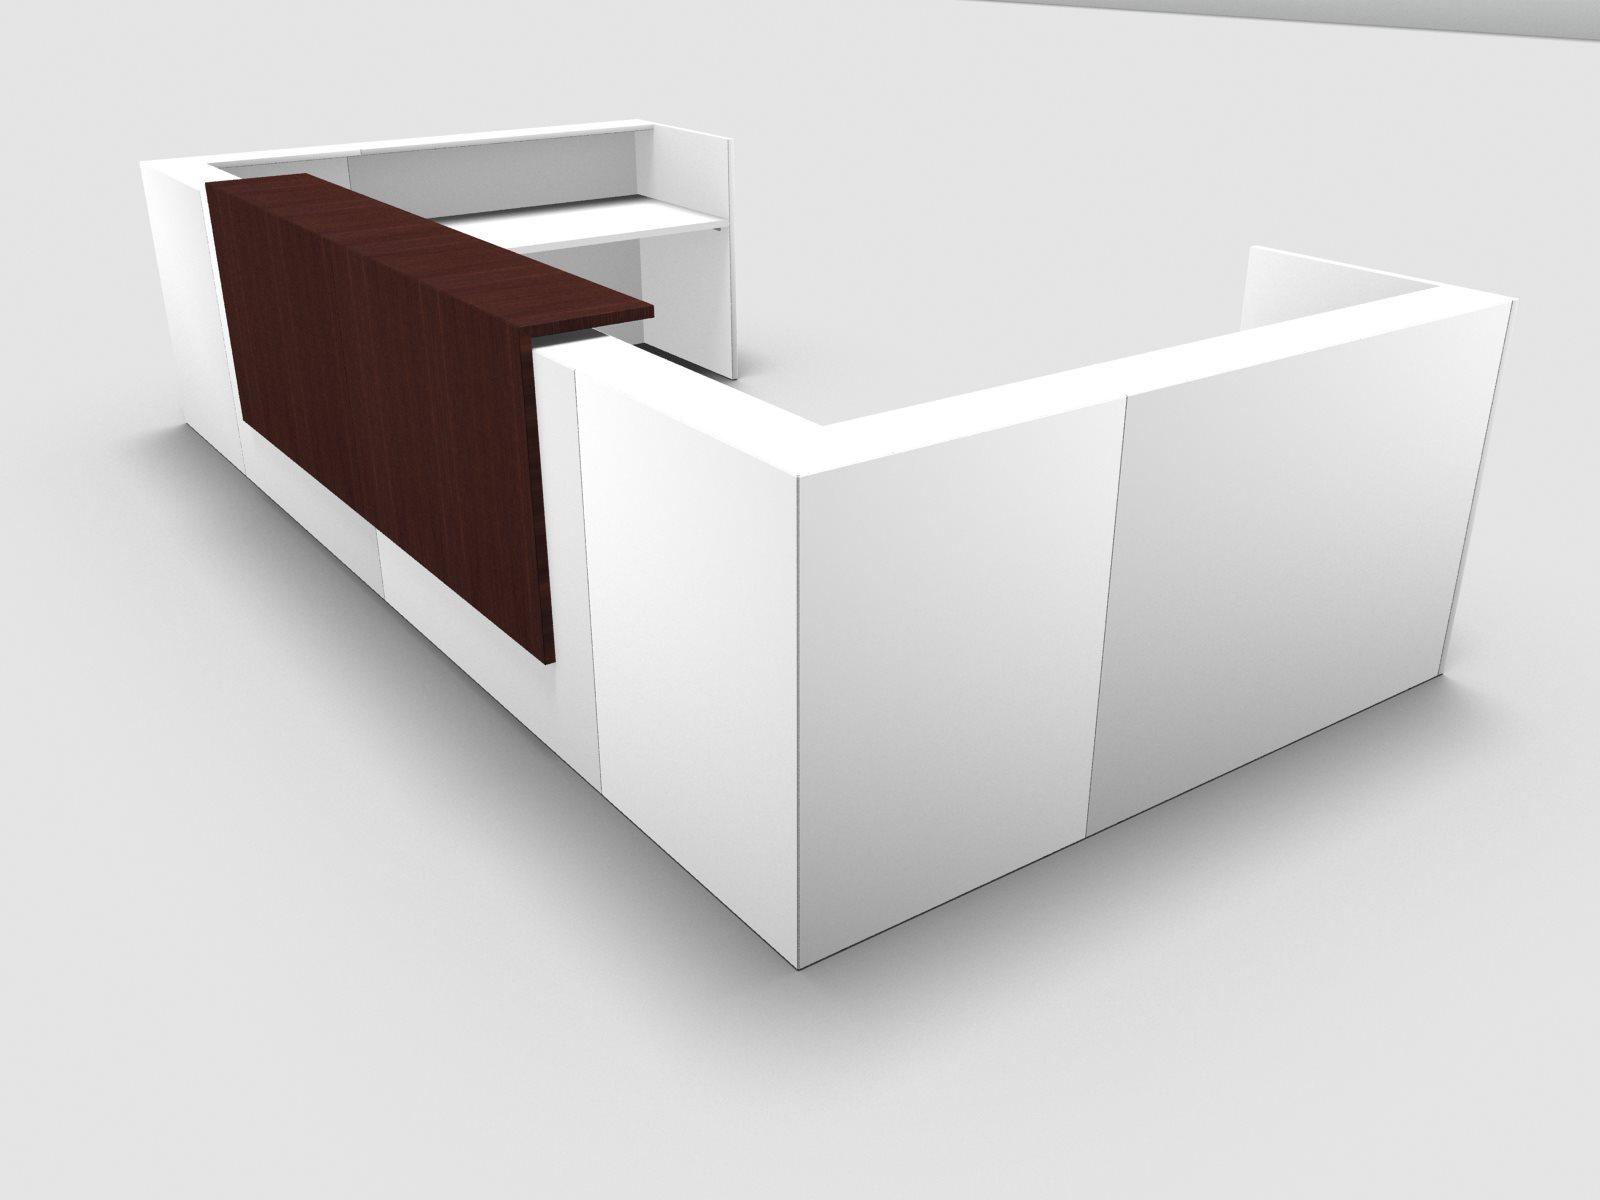 b rom bel preiswert und schnell quadrifoglio z2 empfangstheke c30 weiss 445x231cm u form. Black Bedroom Furniture Sets. Home Design Ideas